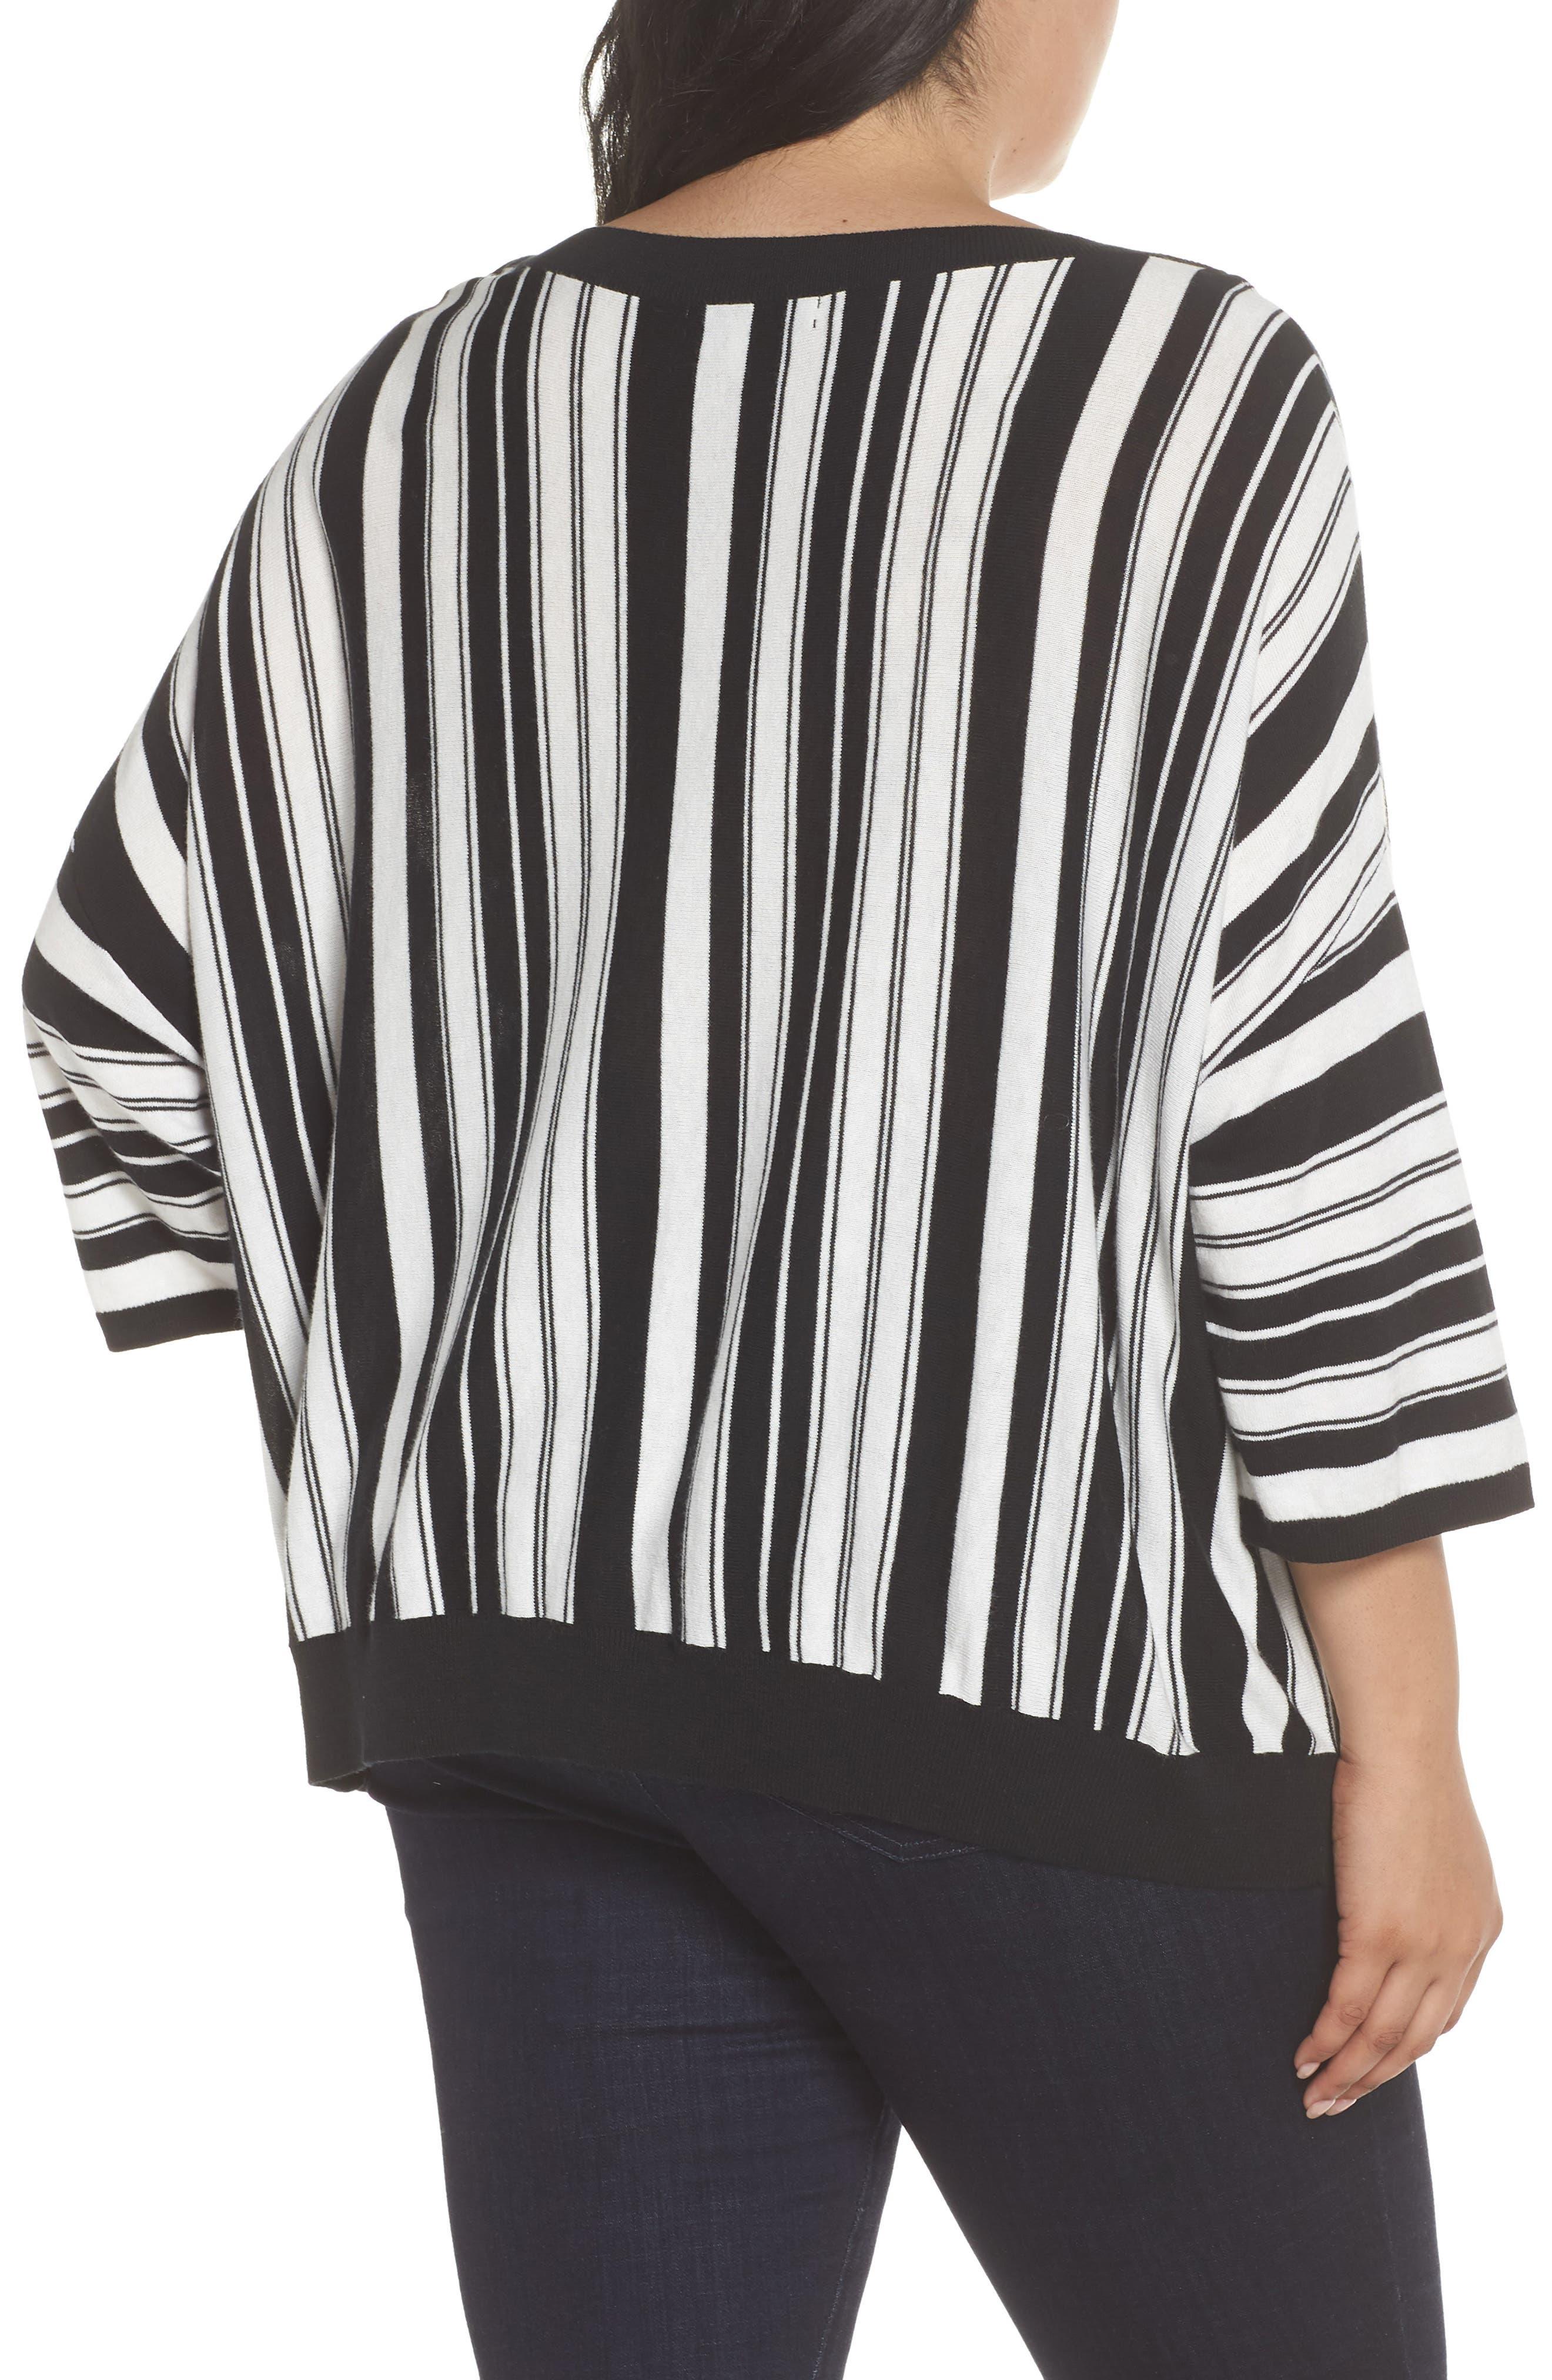 Stripe Pullover,                             Alternate thumbnail 2, color,                             BLACK- WHITE FIERCE STRIPE